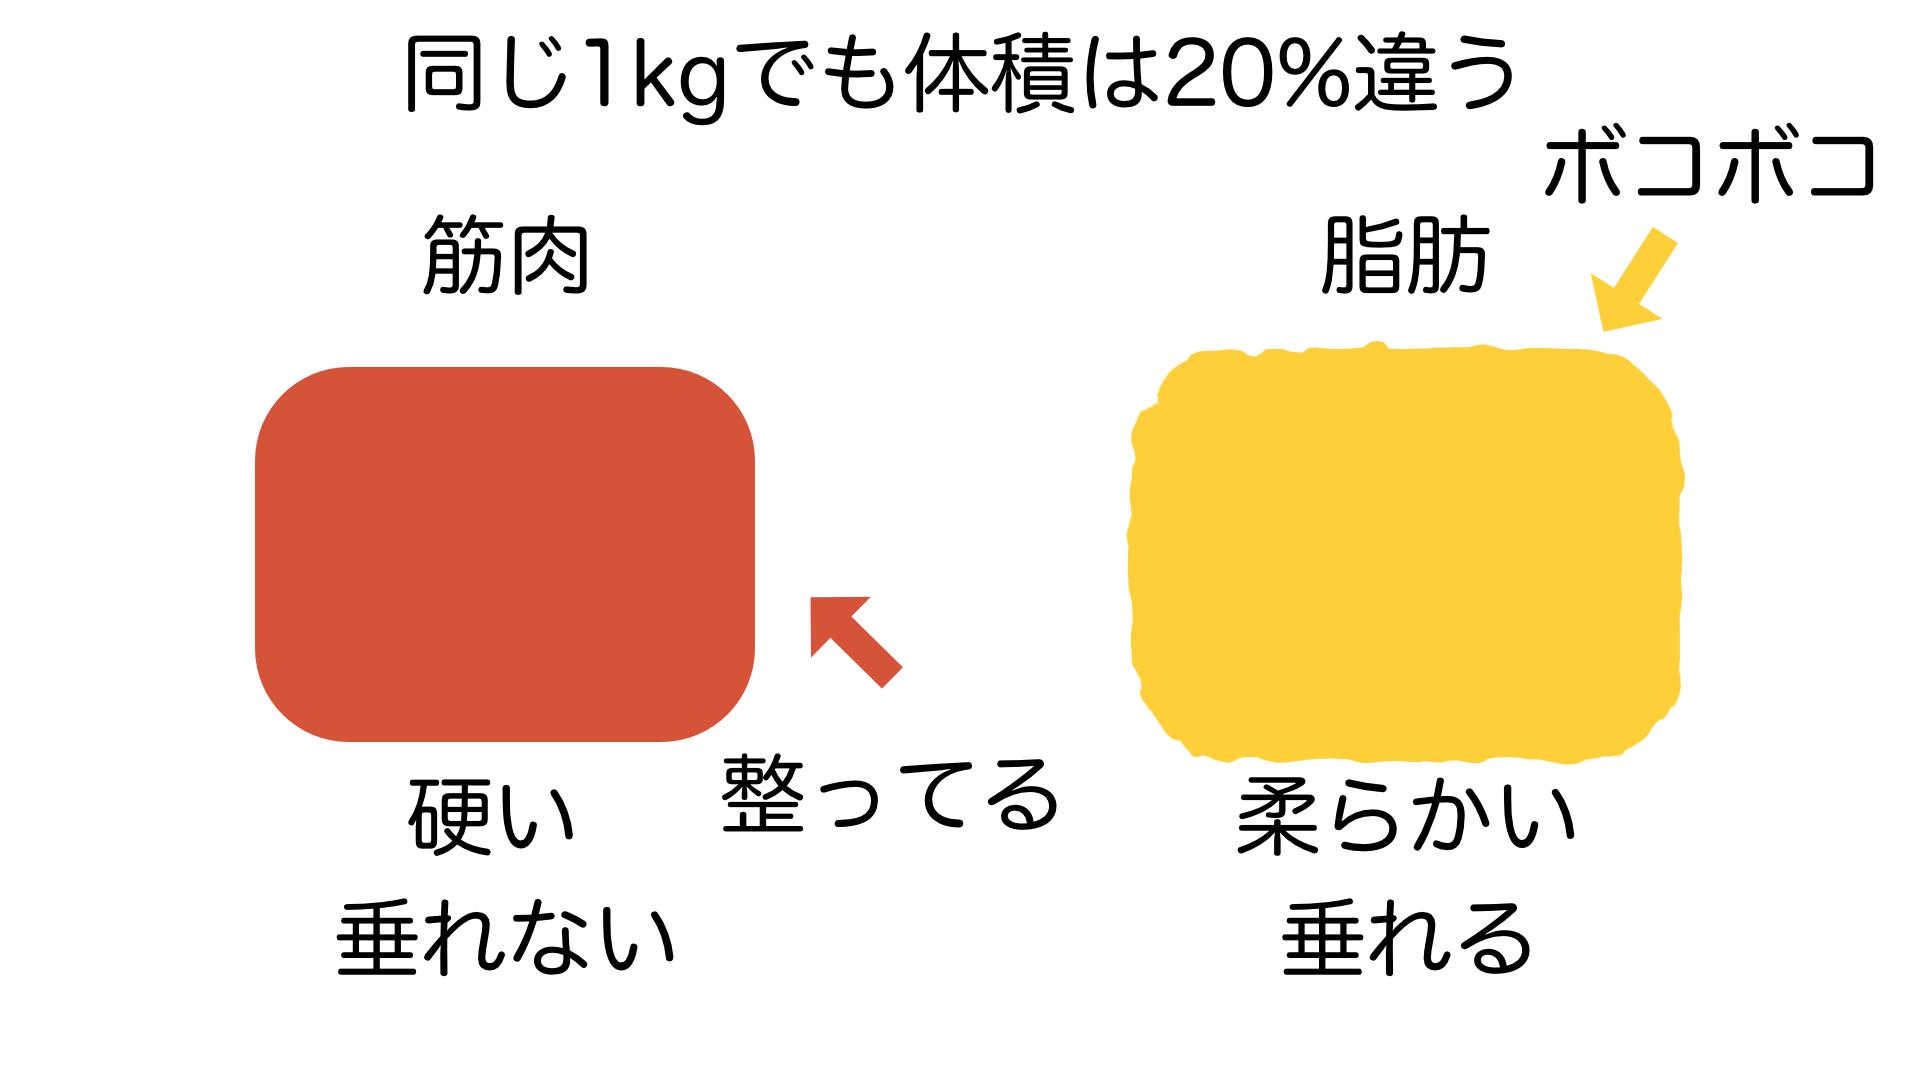 脂肪と筋肉のサイズ